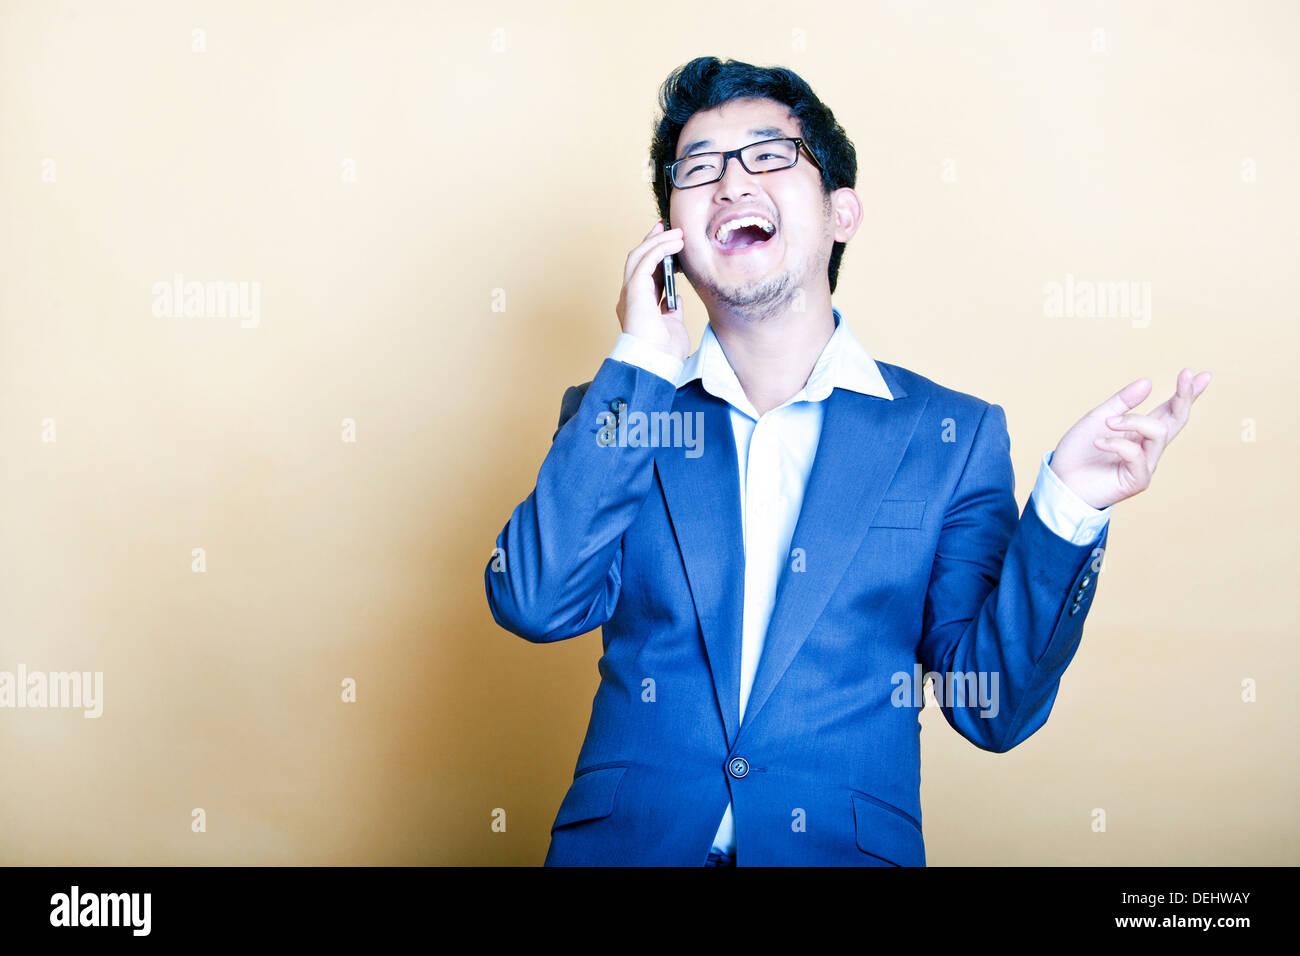 Stylish Asian man on the telephone - Stock Image